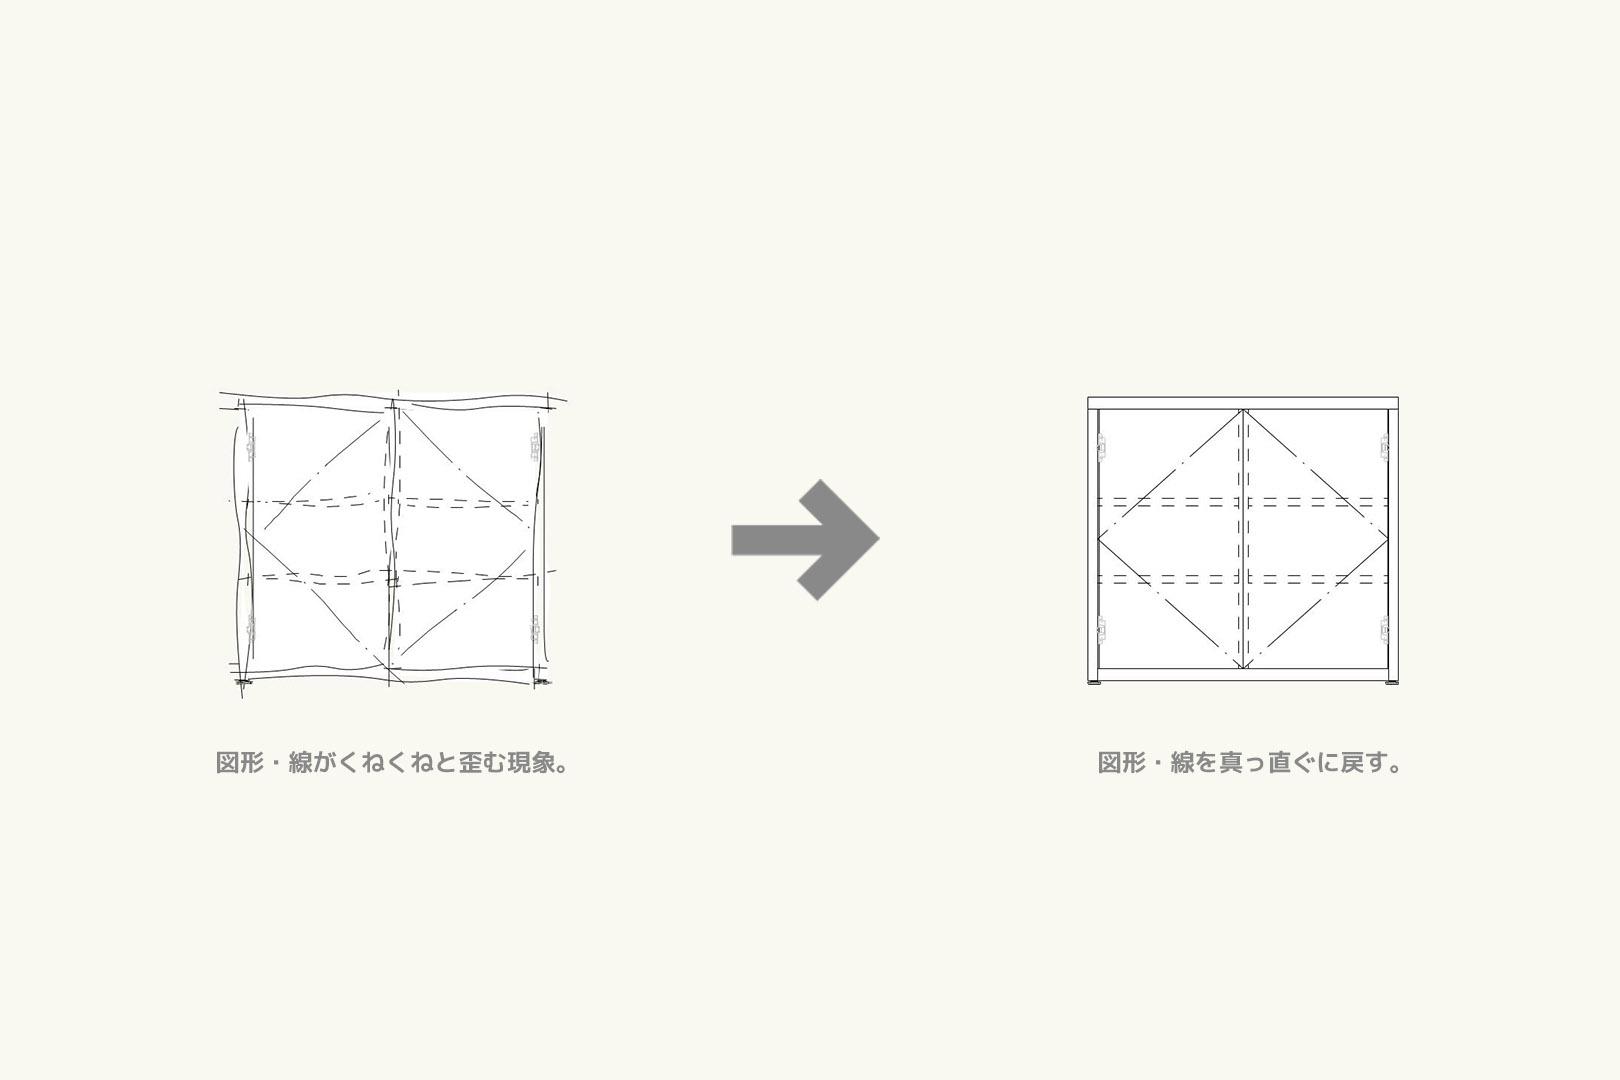 Vectorworksの図形や線が突然、くねくねと歪む現象を直す方法